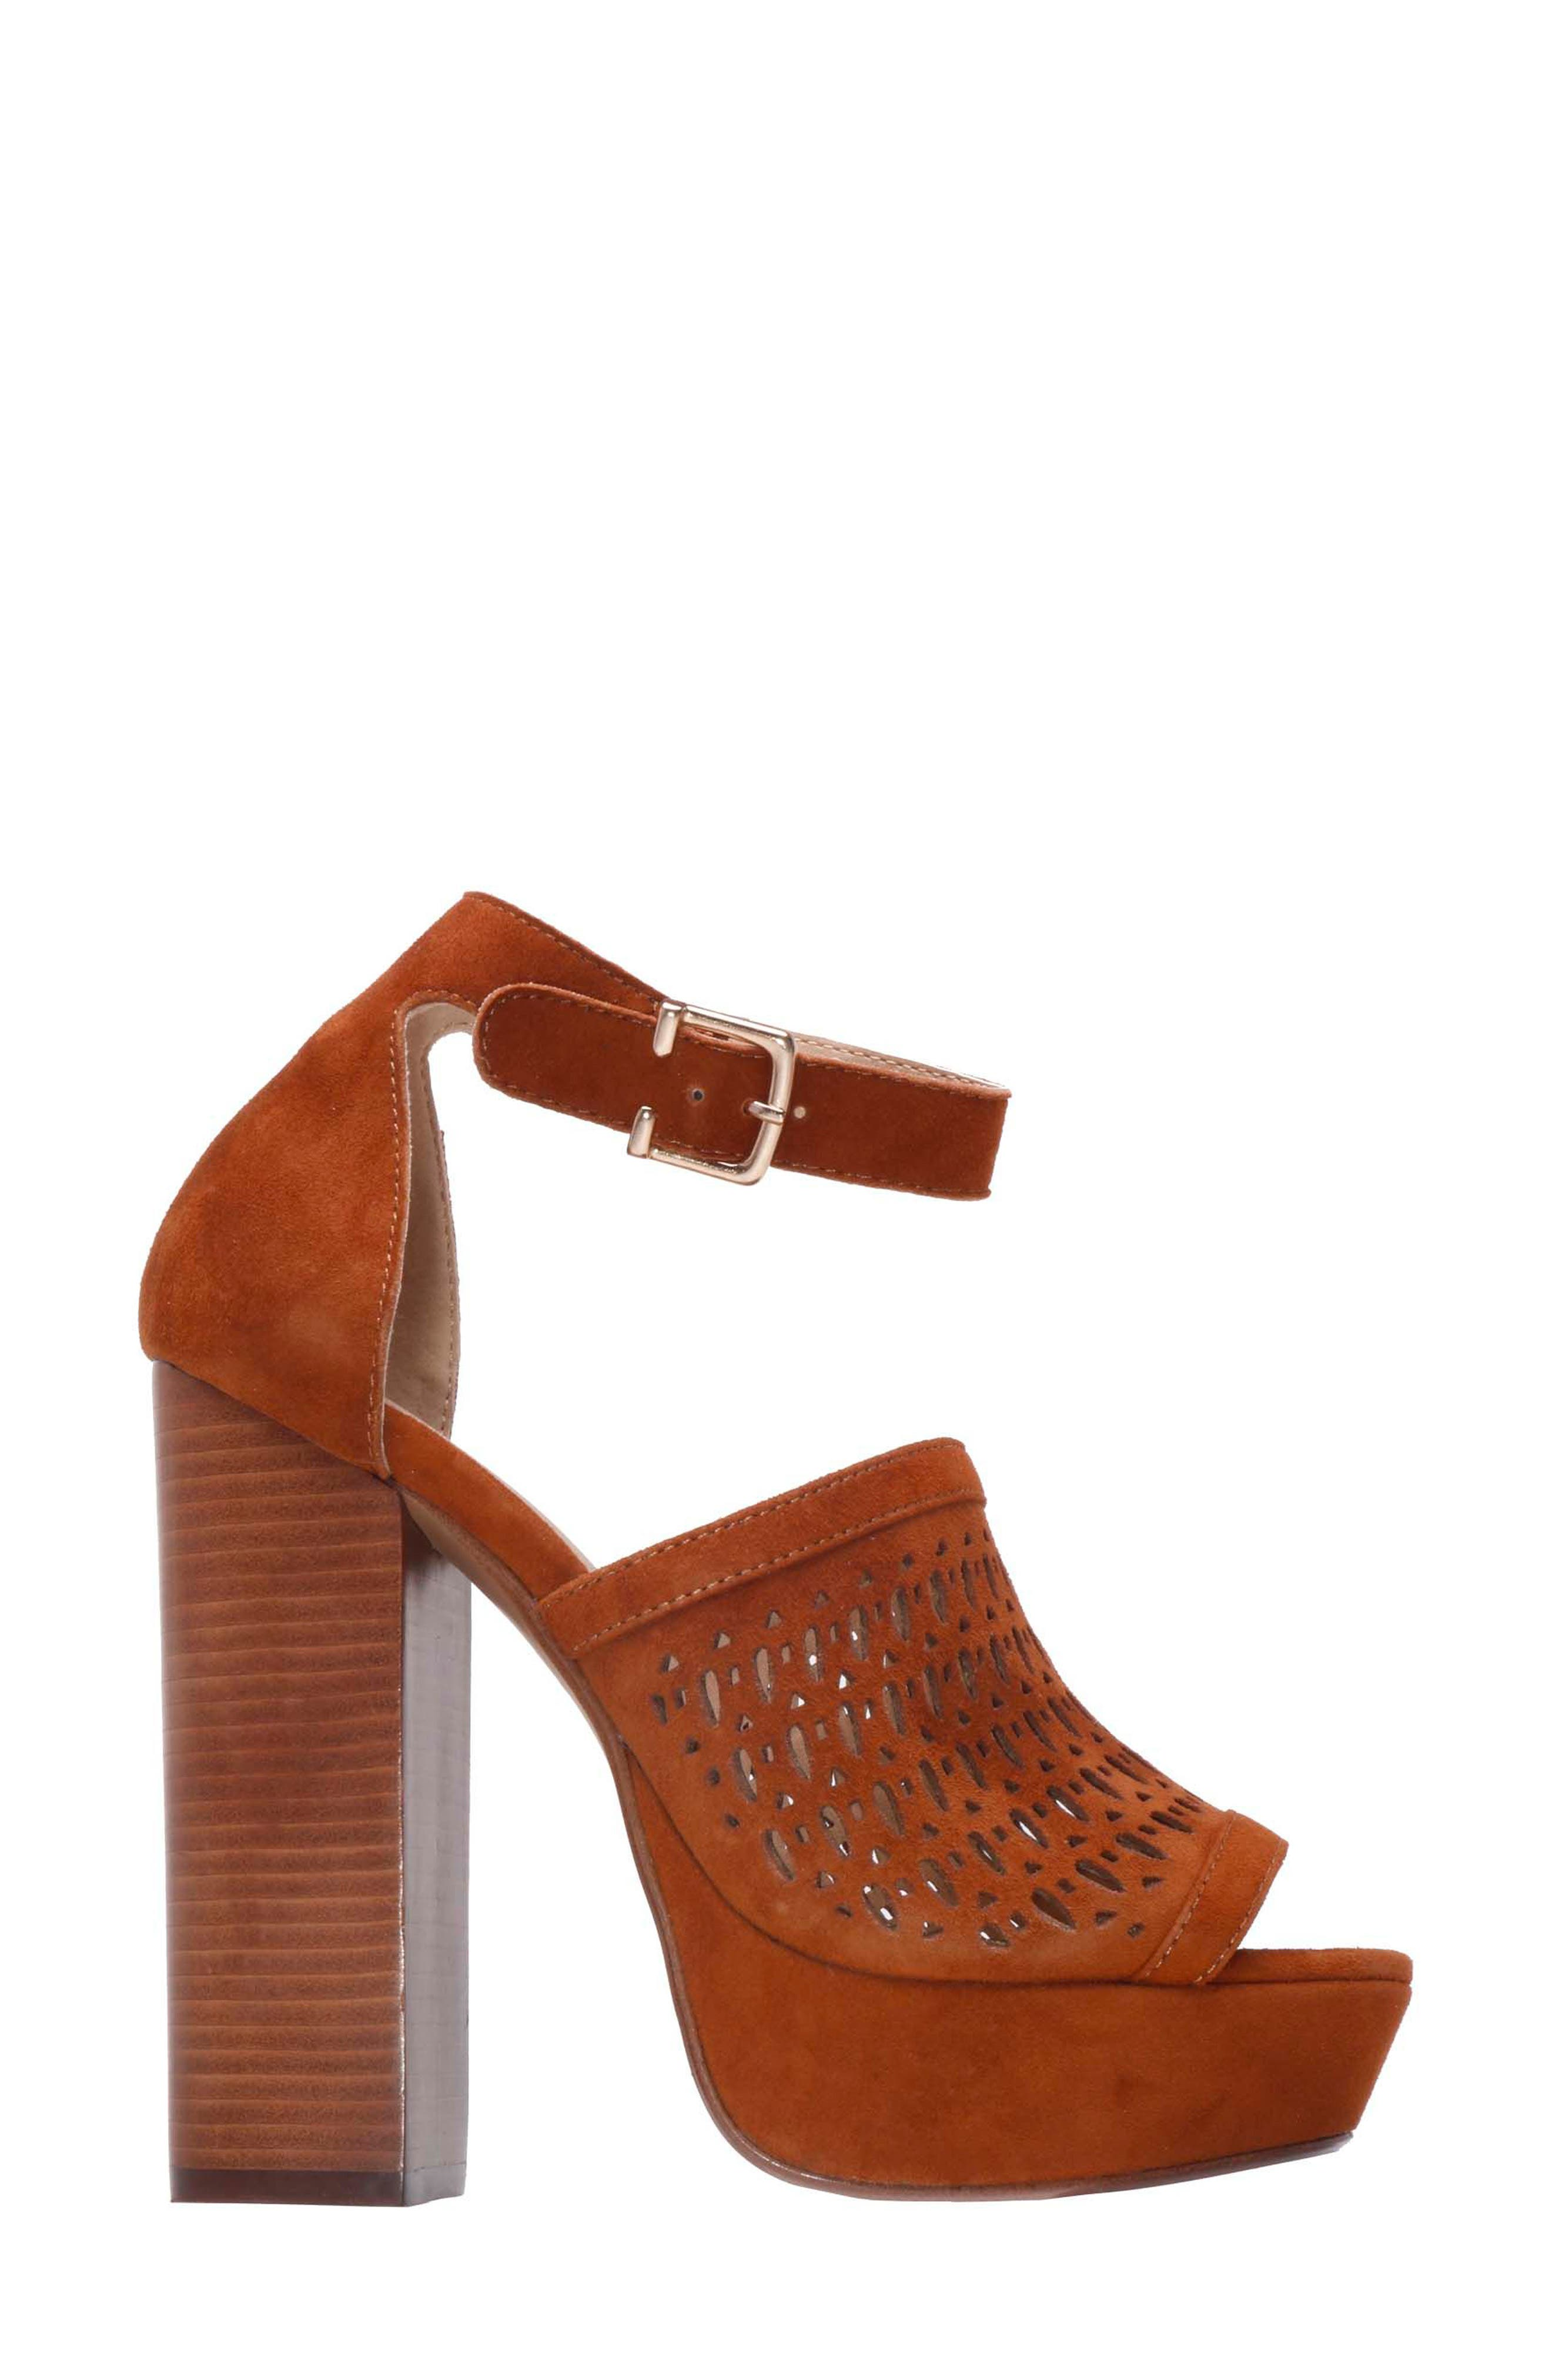 Lorne Platform Sandal,                             Alternate thumbnail 3, color,                             Camel Suede